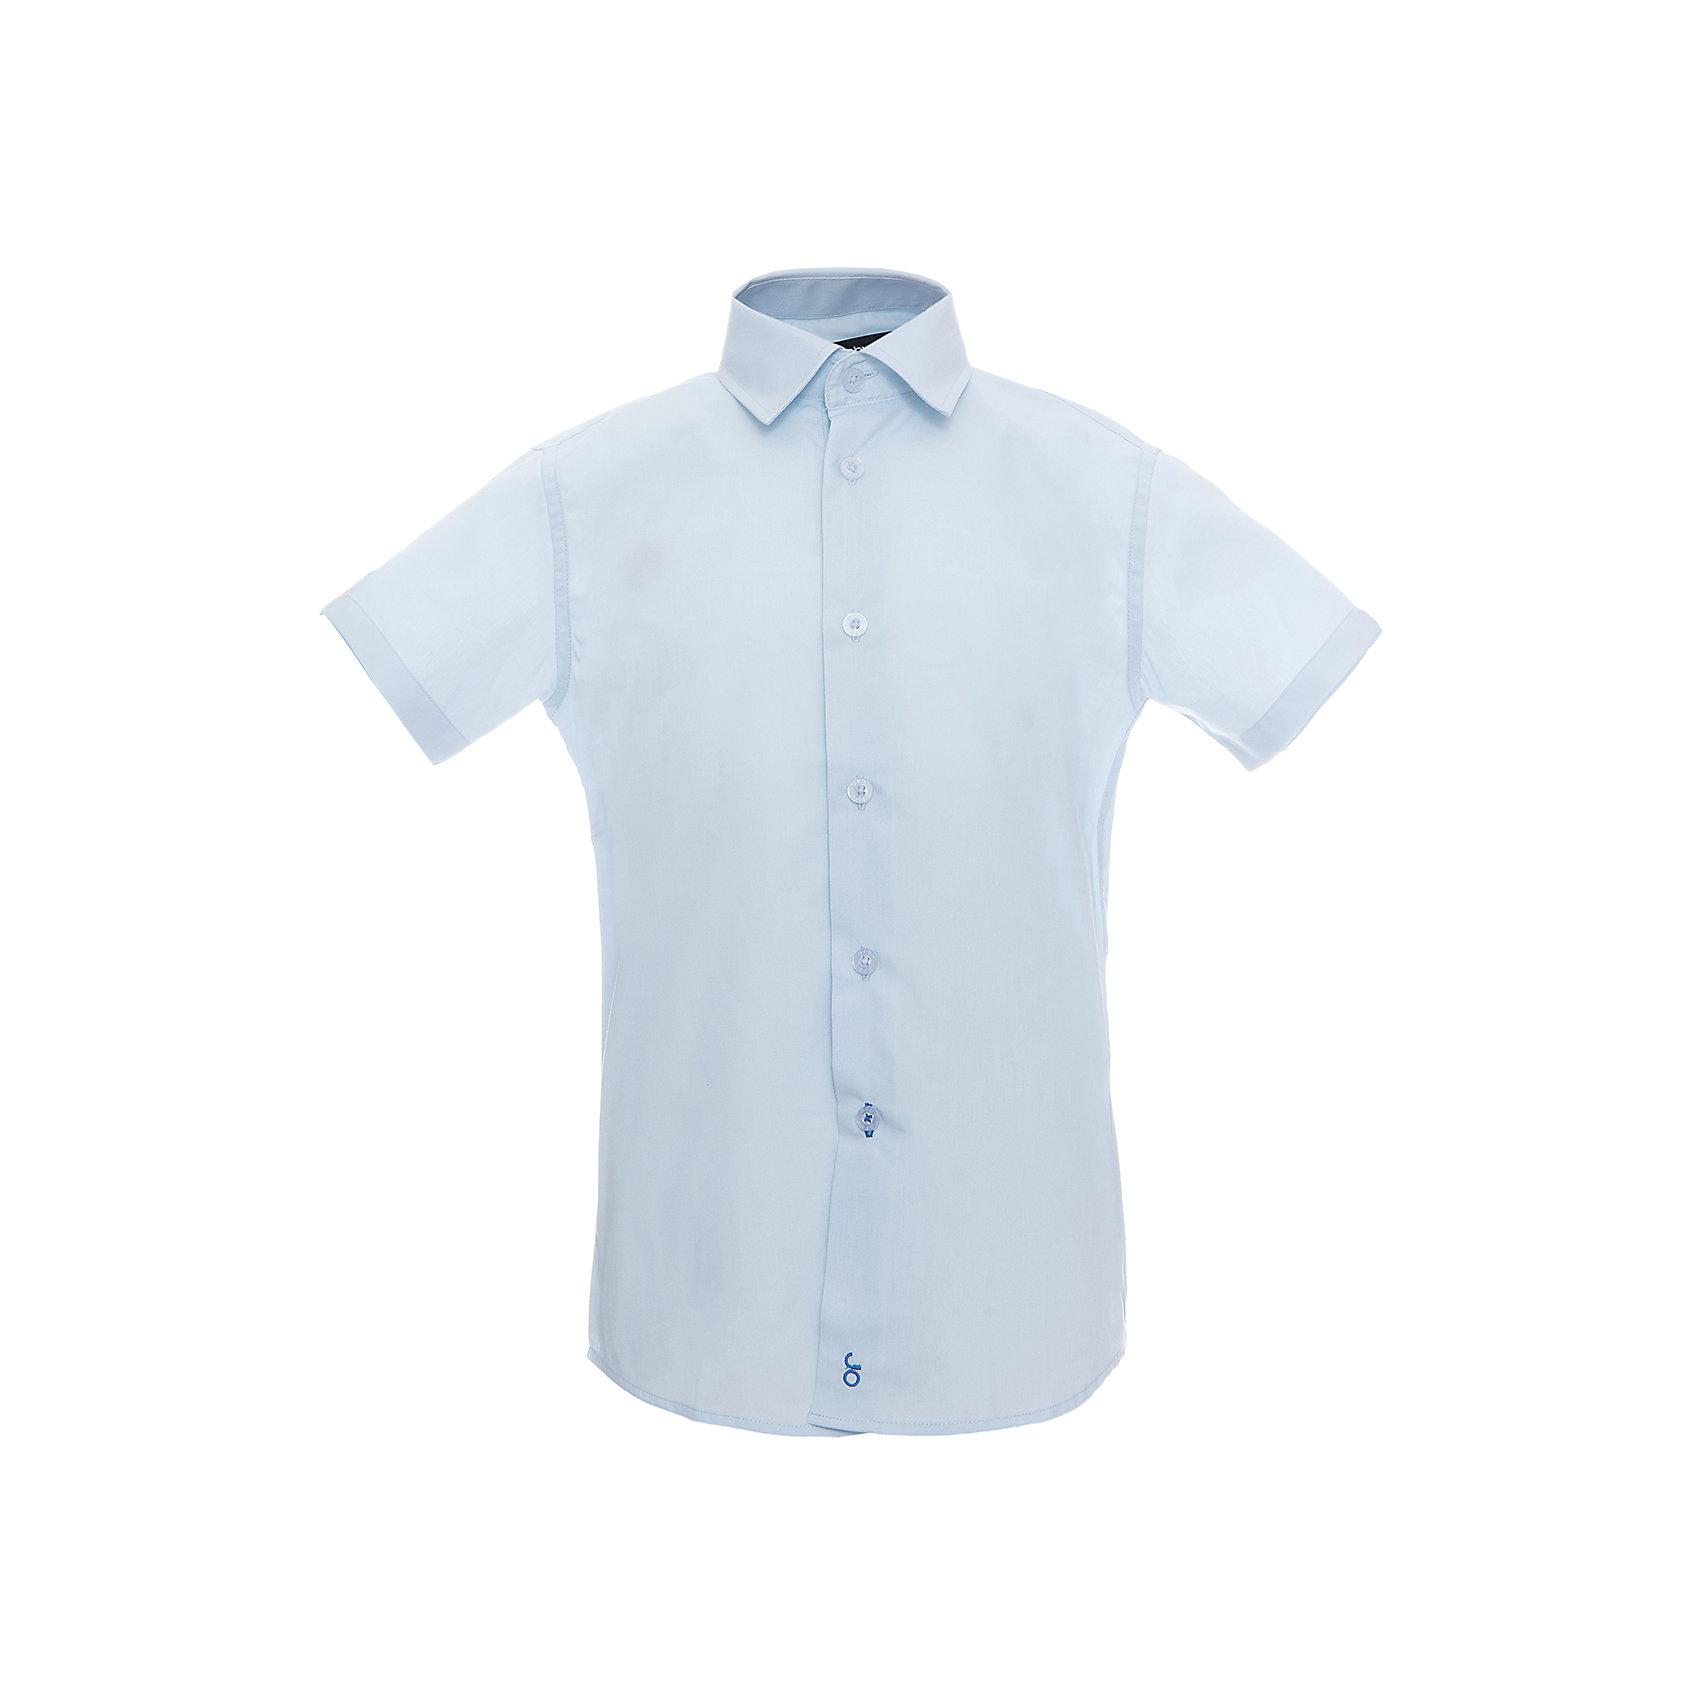 Рубашка для мальчика OrbyБлузки и рубашки<br>Характеристики товара:<br><br>• цвет: голубой<br>• состав ткани: 65 % ПЭ, 35 % хлопок<br>• особенности: школьная, праздничная<br>• короткие рукава<br>• застежка: пуговицы<br>• отложной воротник<br>• сезон: круглый год<br>• страна бренда: Россия<br>• страна изготовитель: Россия<br><br>Голубая рубашка с коротким рукавом для мальчика Orby хорошо дополнит школьную форму. <br><br>Школьная рубашка поможет ребенку выглядеть стильно и чувствовать себя комфортно. Модель сшита из материала с добавлением натурального хлопка. <br><br>Рубашку для мальчика Orby (Орби) можно купить в нашем интернет-магазине.<br><br>Ширина мм: 174<br>Глубина мм: 10<br>Высота мм: 169<br>Вес г: 157<br>Цвет: голубой<br>Возраст от месяцев: 168<br>Возраст до месяцев: 180<br>Пол: Мужской<br>Возраст: Детский<br>Размер: 170,122,128,134,140,146,152,158,164<br>SKU: 6960403